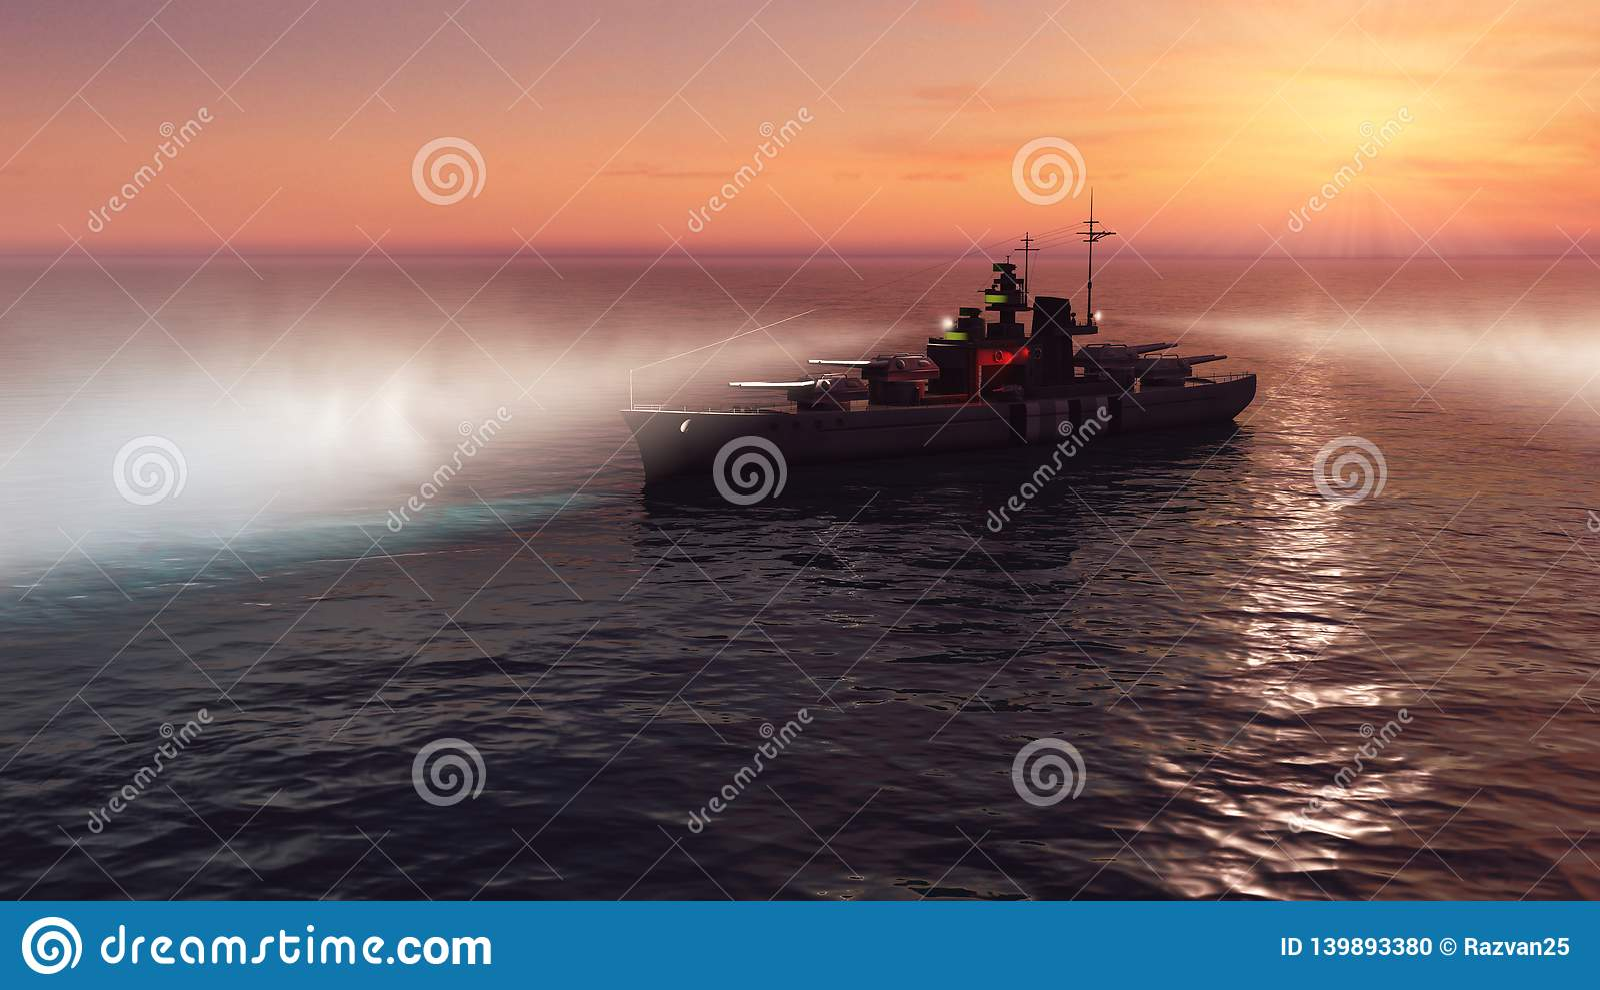 3d illustratie van een slagschip in de open oceaan bij zonsondergang